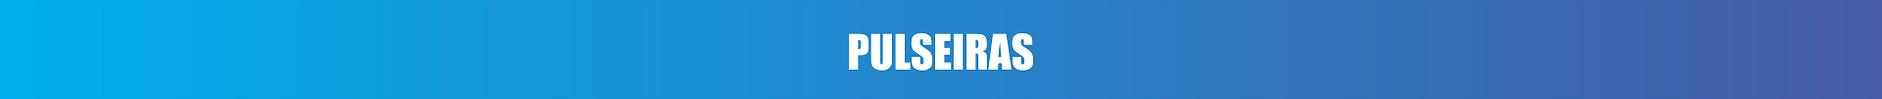 Pulseiras.png